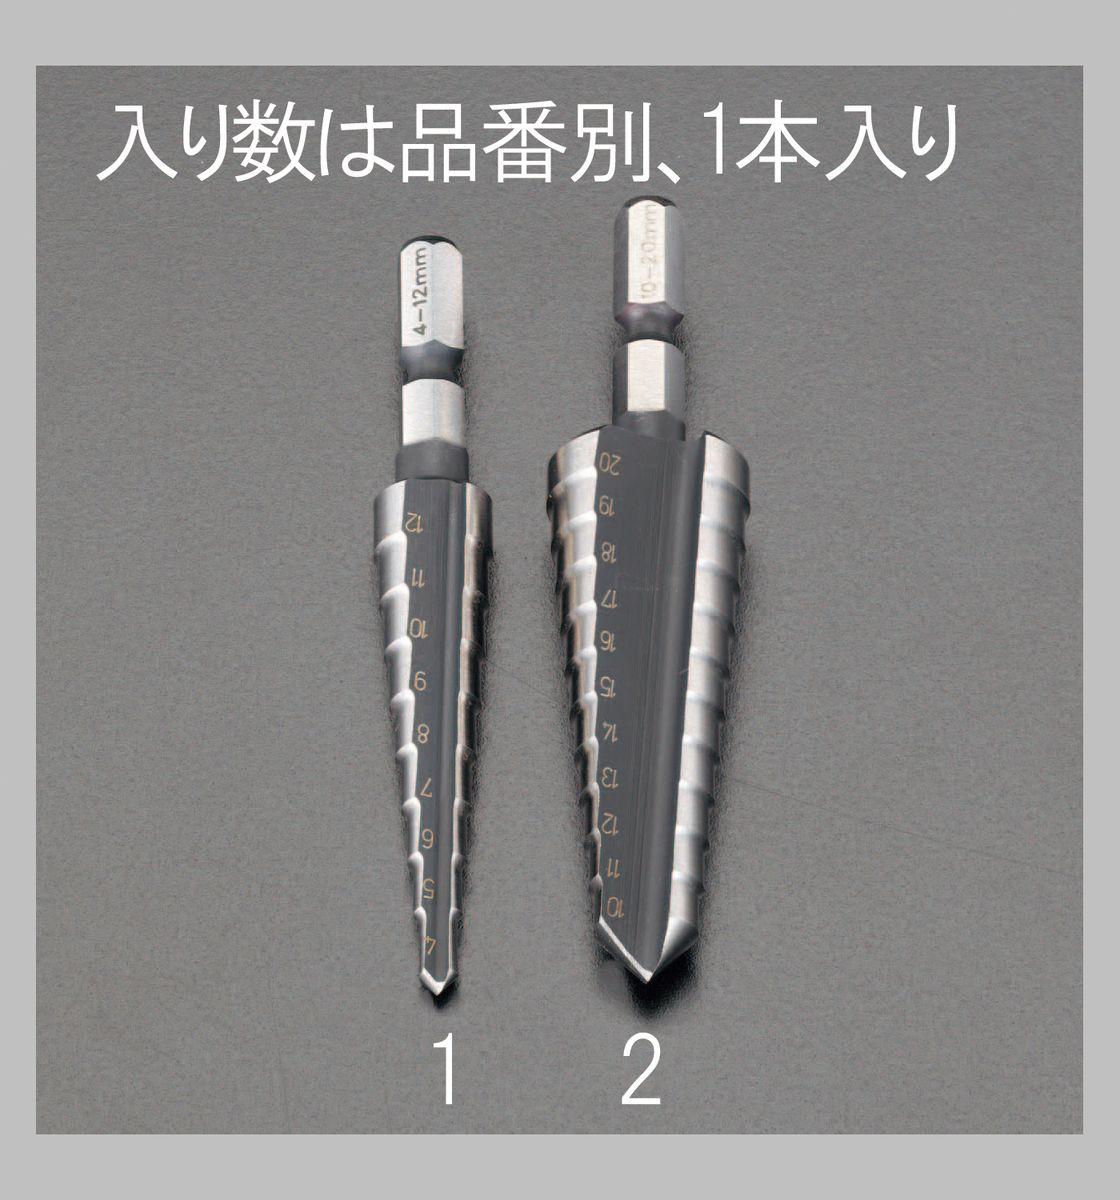 【メーカー在庫あり】 エスコ ESCO 10-20mm ステップドリル 1/4